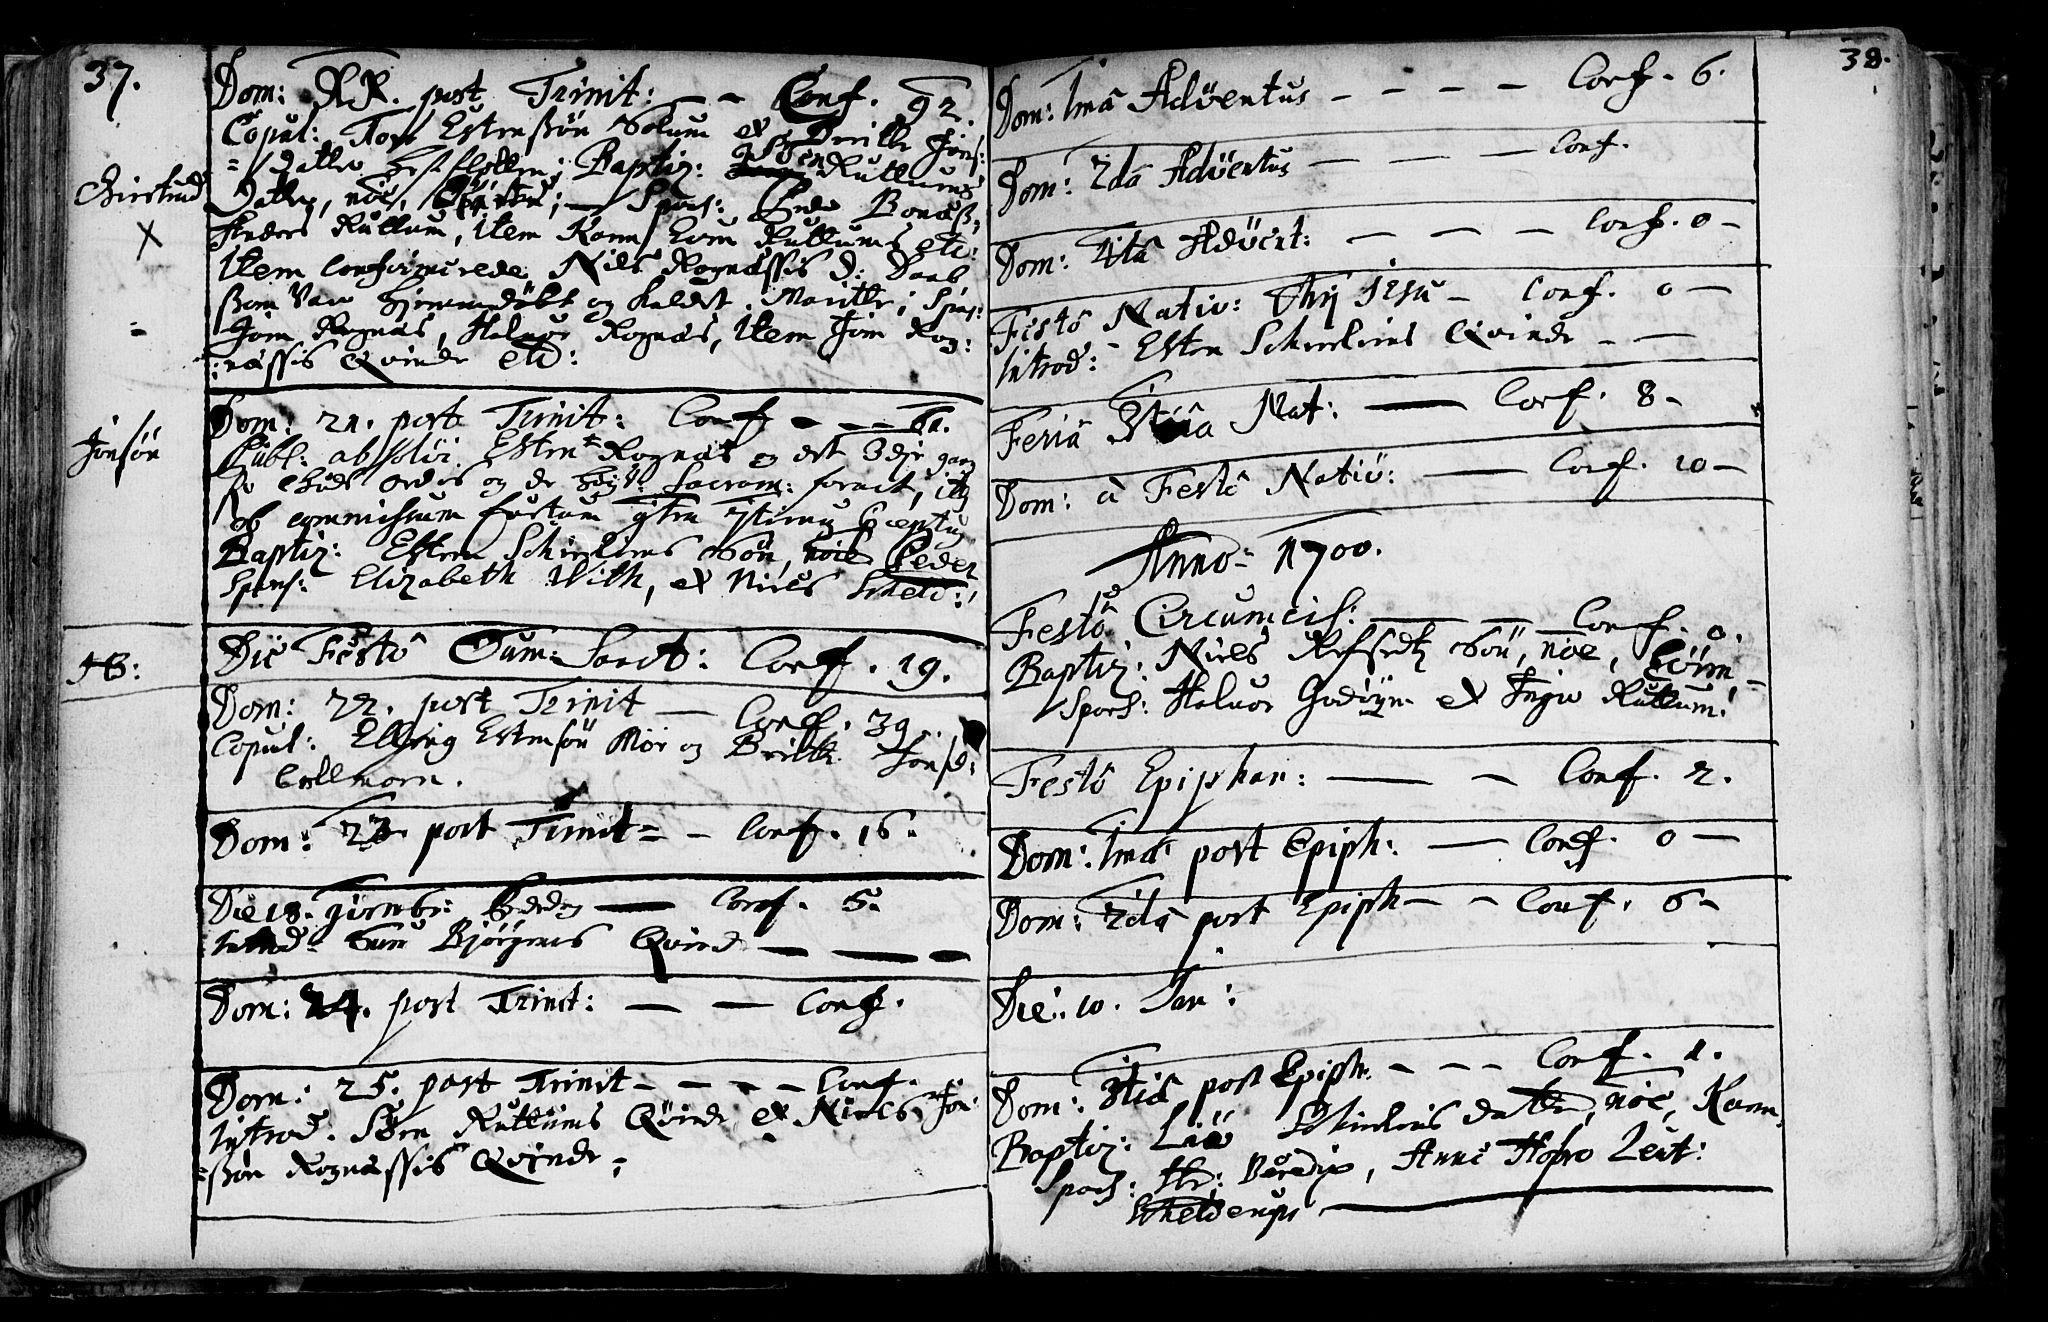 SAT, Ministerialprotokoller, klokkerbøker og fødselsregistre - Sør-Trøndelag, 687/L0990: Ministerialbok nr. 687A01, 1690-1746, s. 37-38